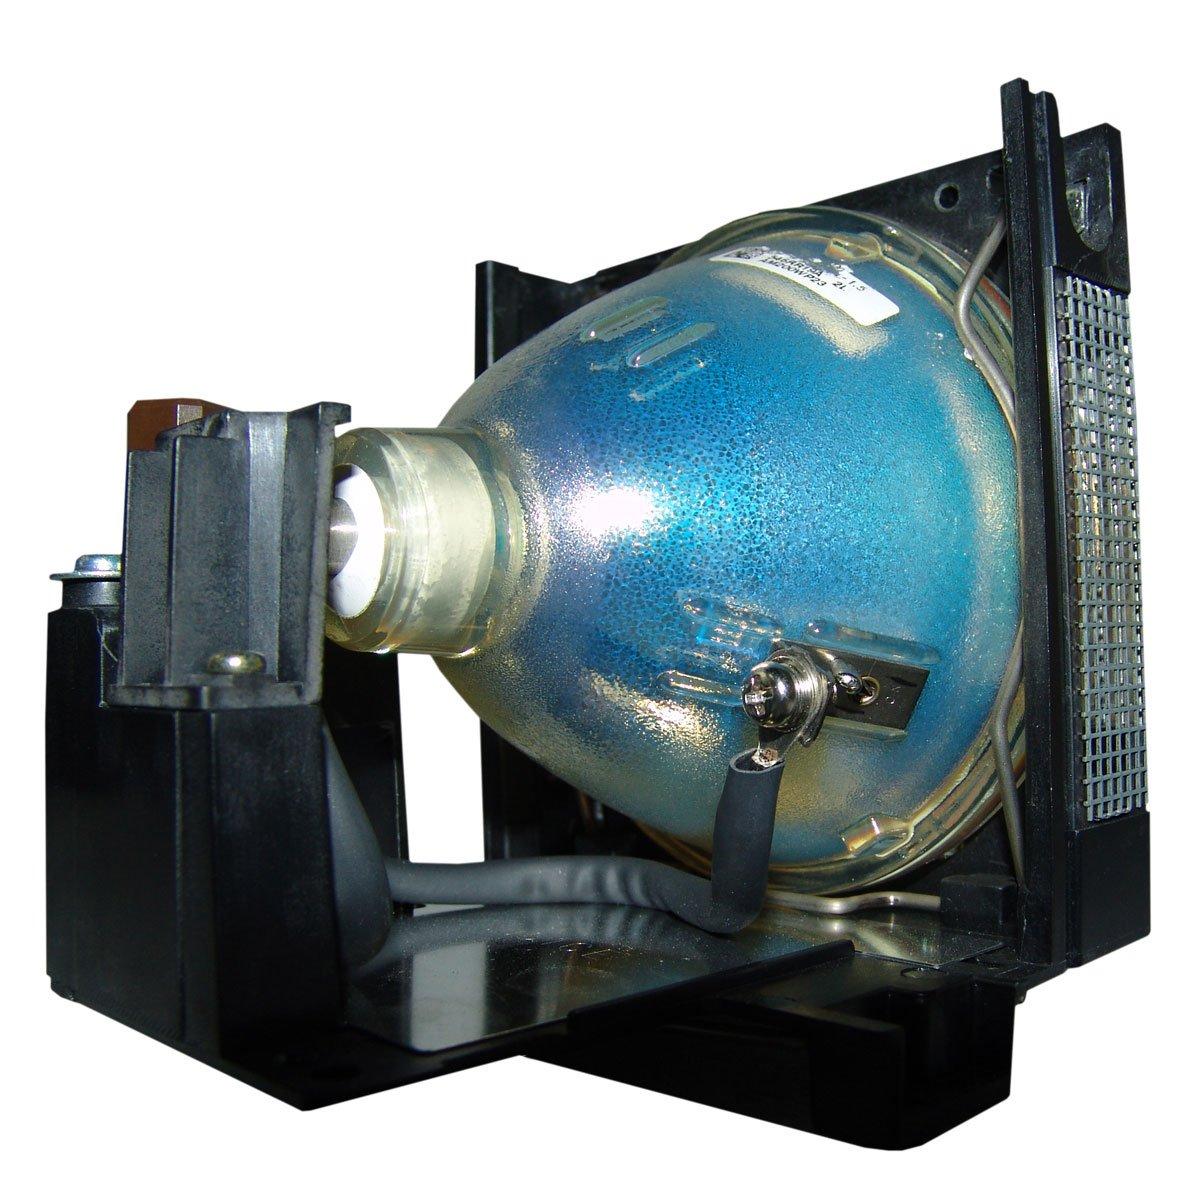 SHARP BQC-XGP10XU//1 BQCXGP10XU1 LAMP IN HOUSING FOR PROJECTOR MODEL XGP10XU